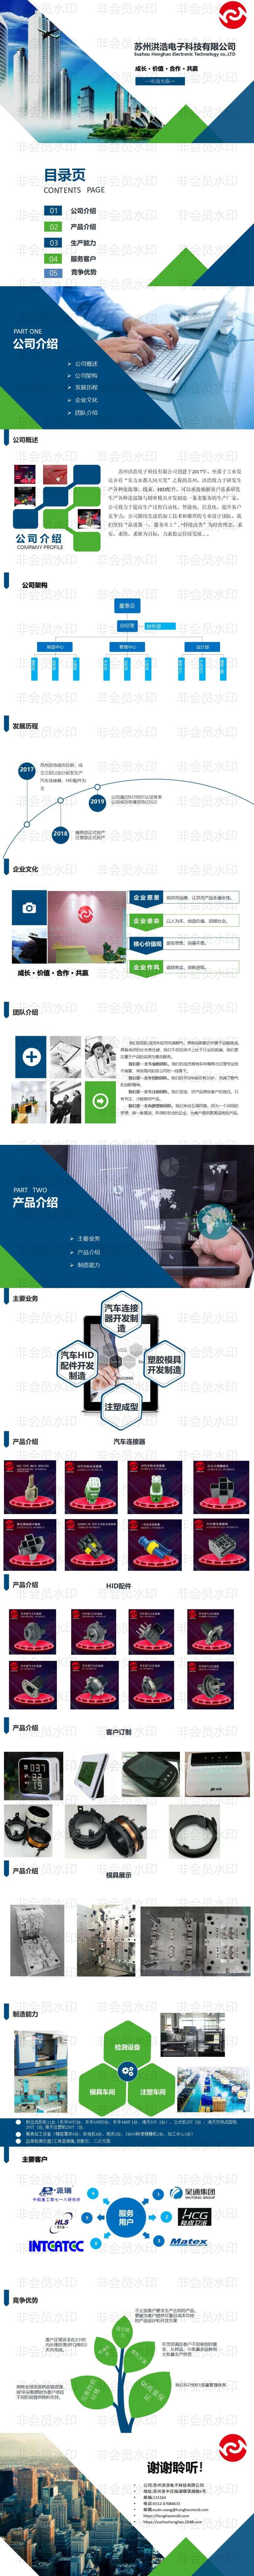 苏州洪浩电子科技有限公司王新.jpg